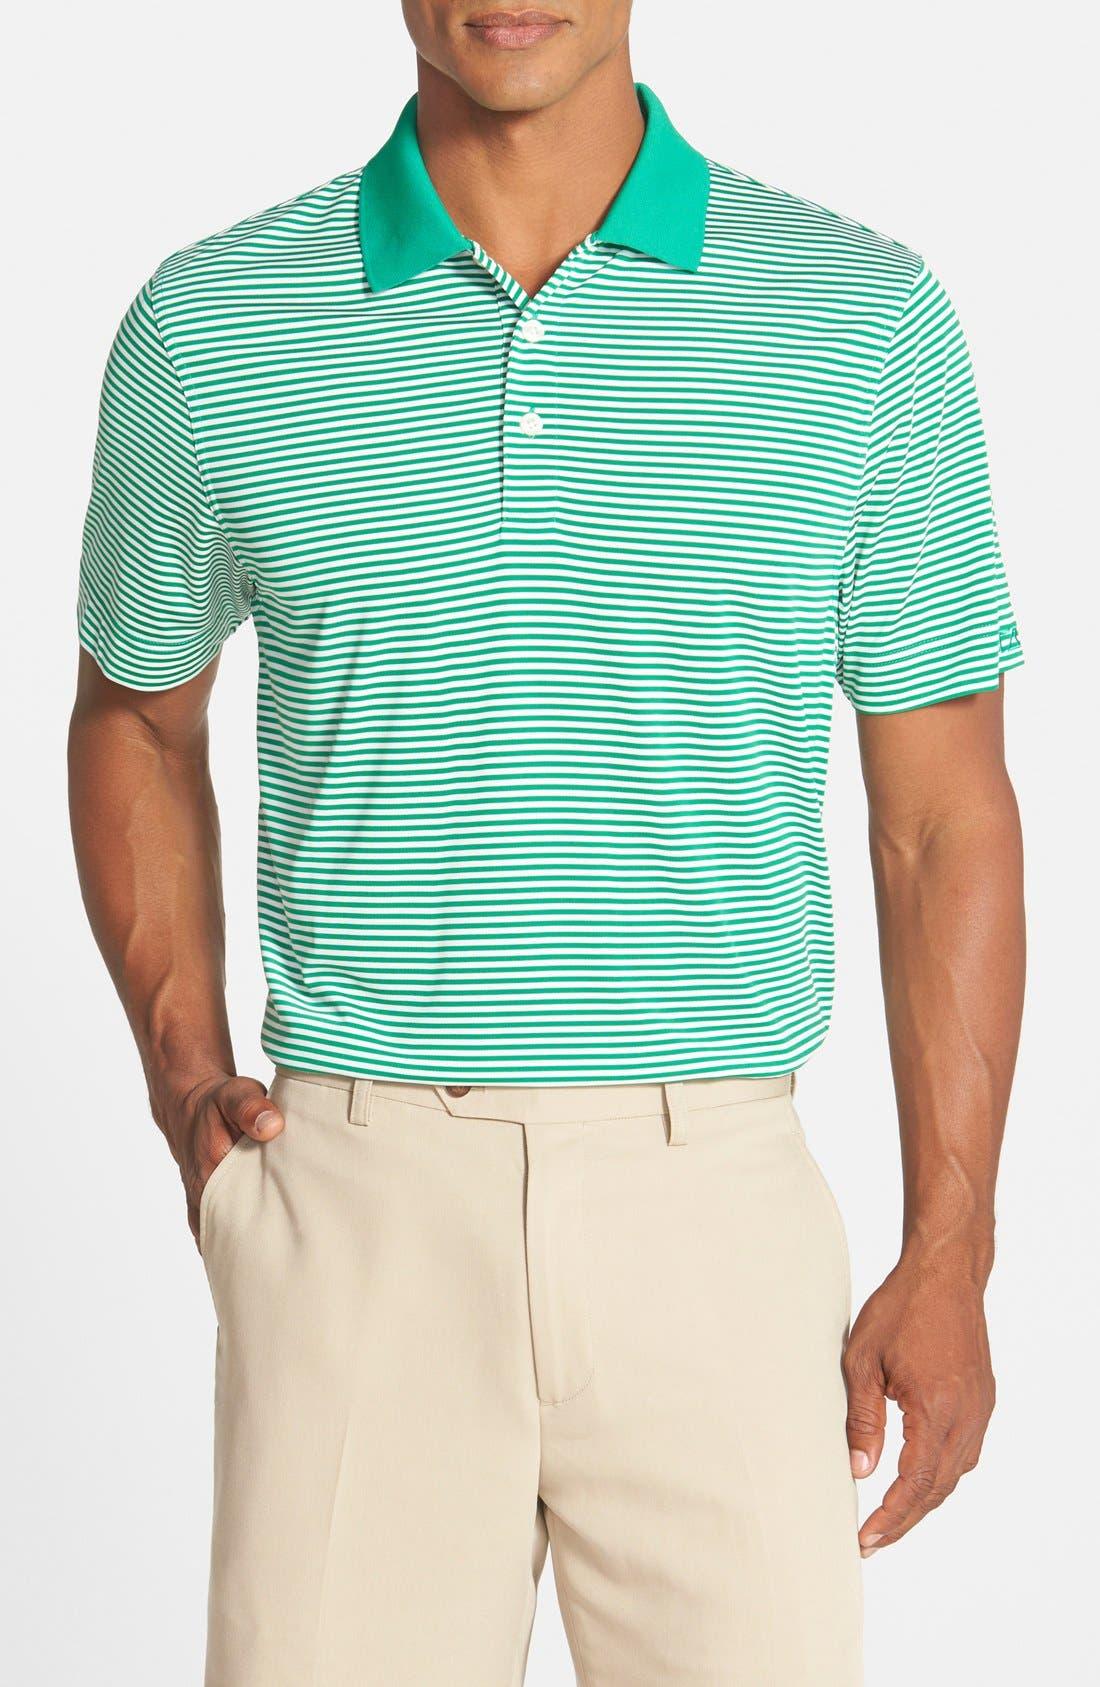 Trevor DryTec Moisture Wicking Golf Polo,                         Main,                         color, Loft Green/ White